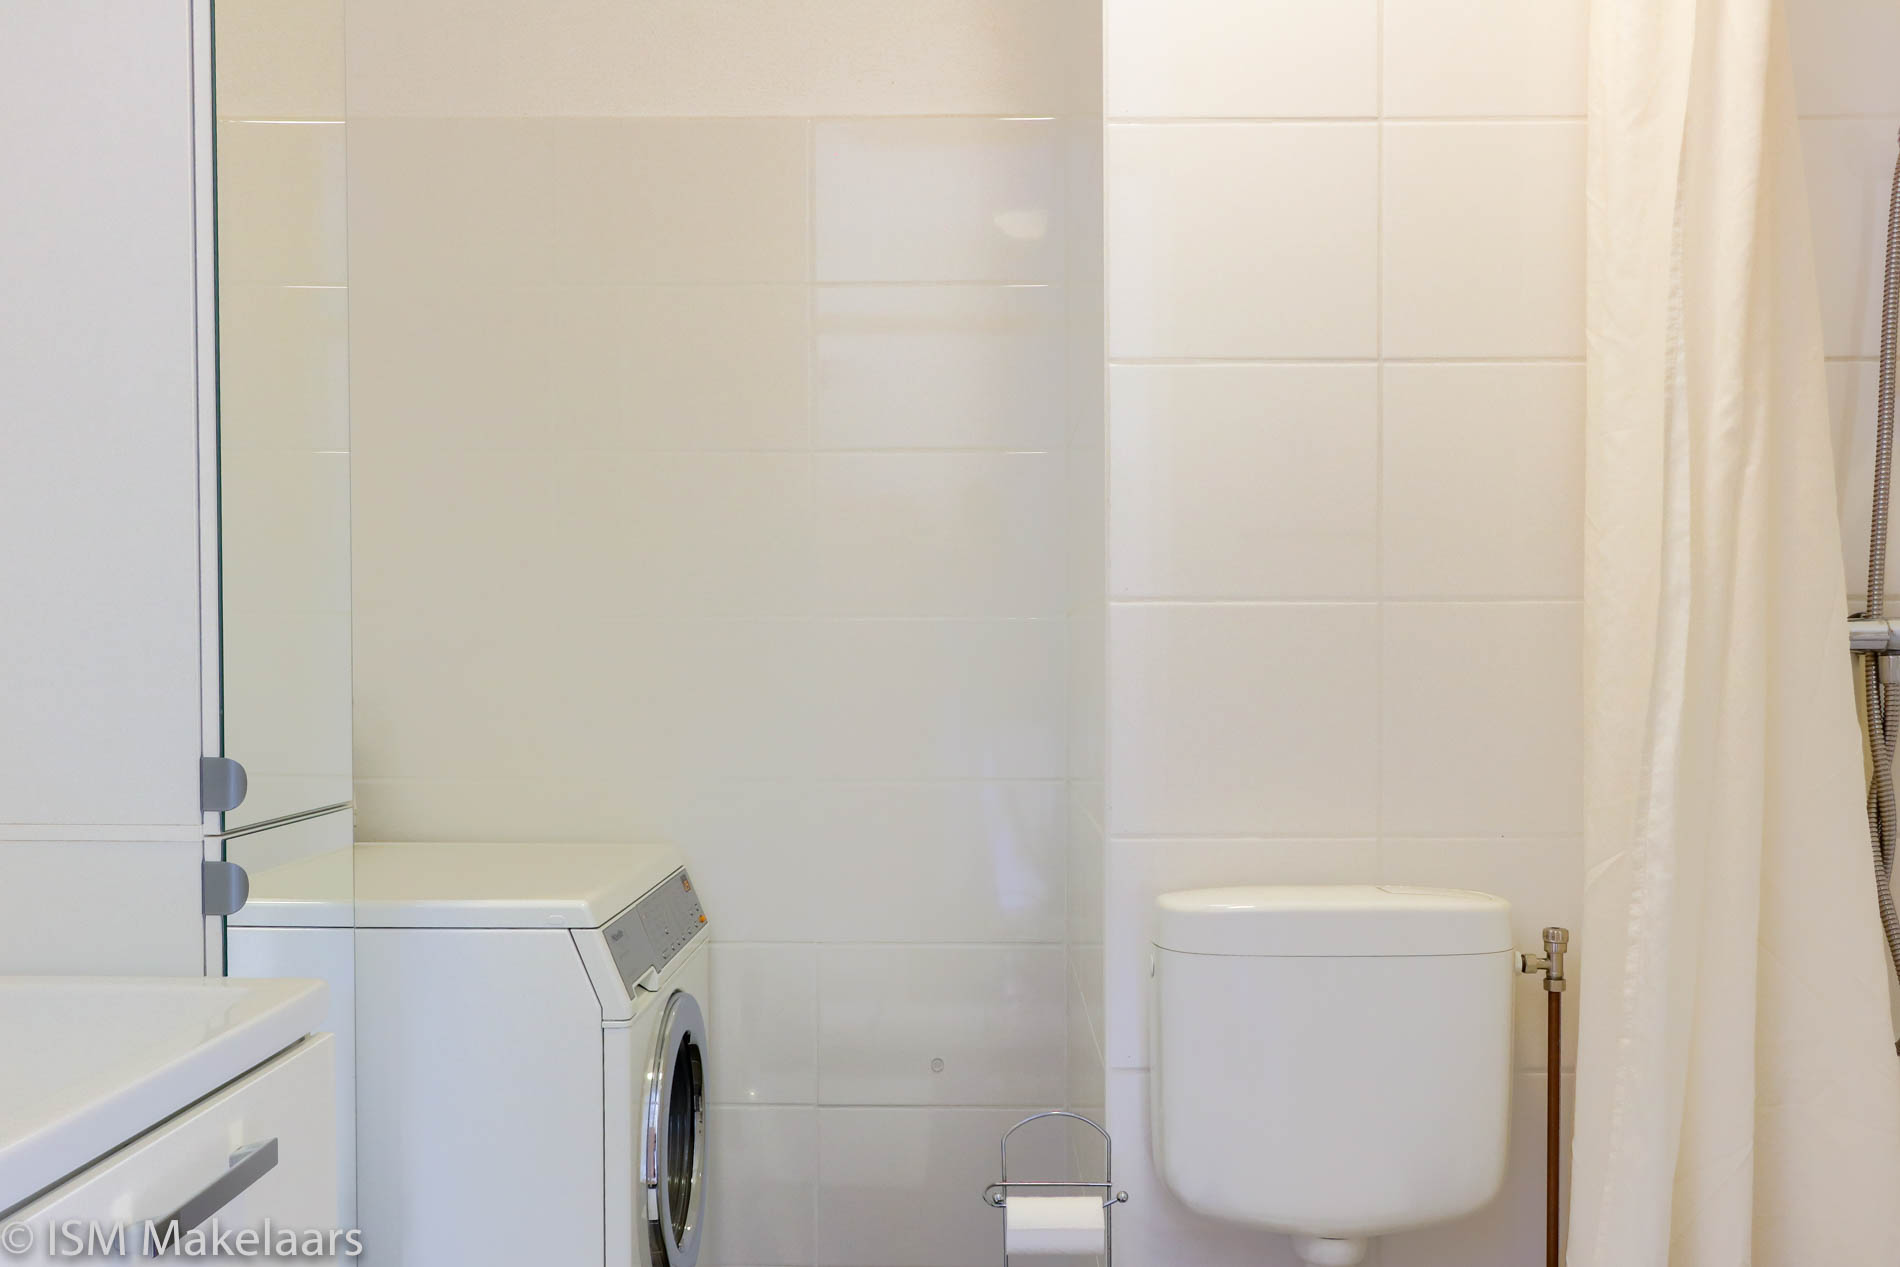 badkamer kievitsprenk 67 vlissingen ism makelaars